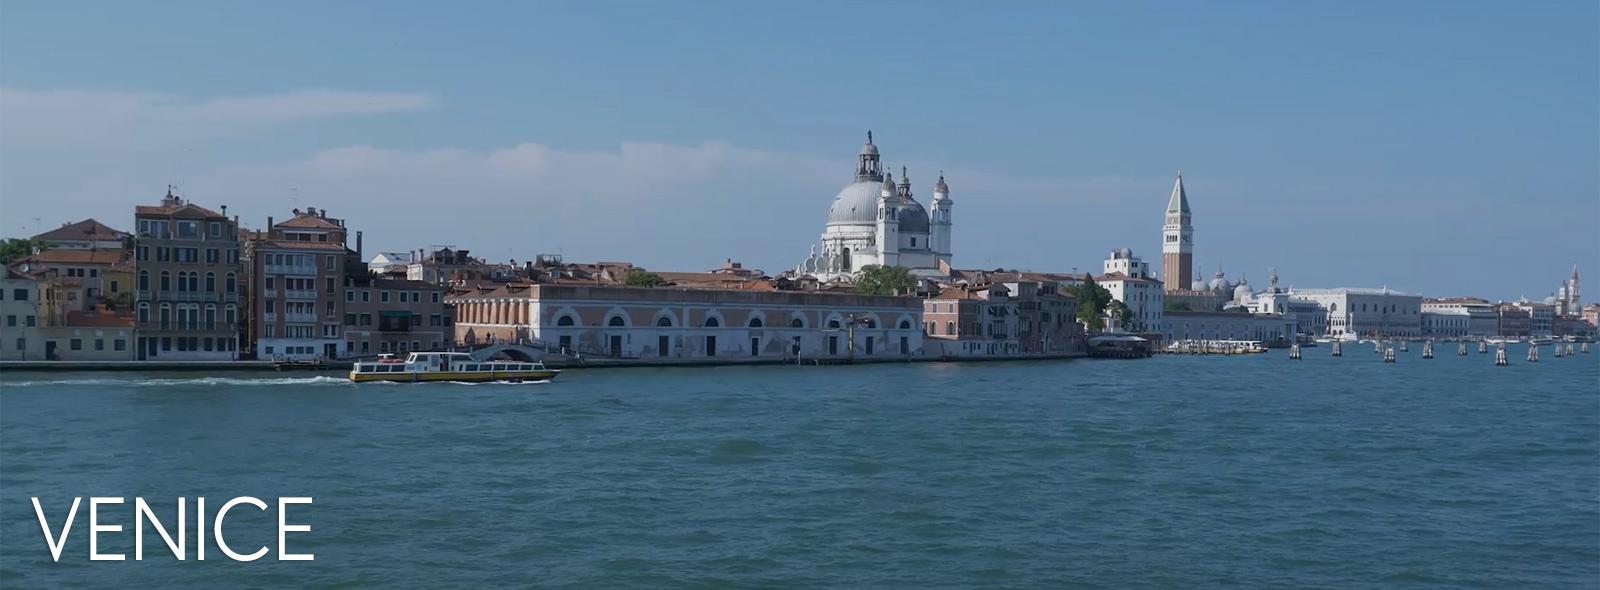 venezia desktop